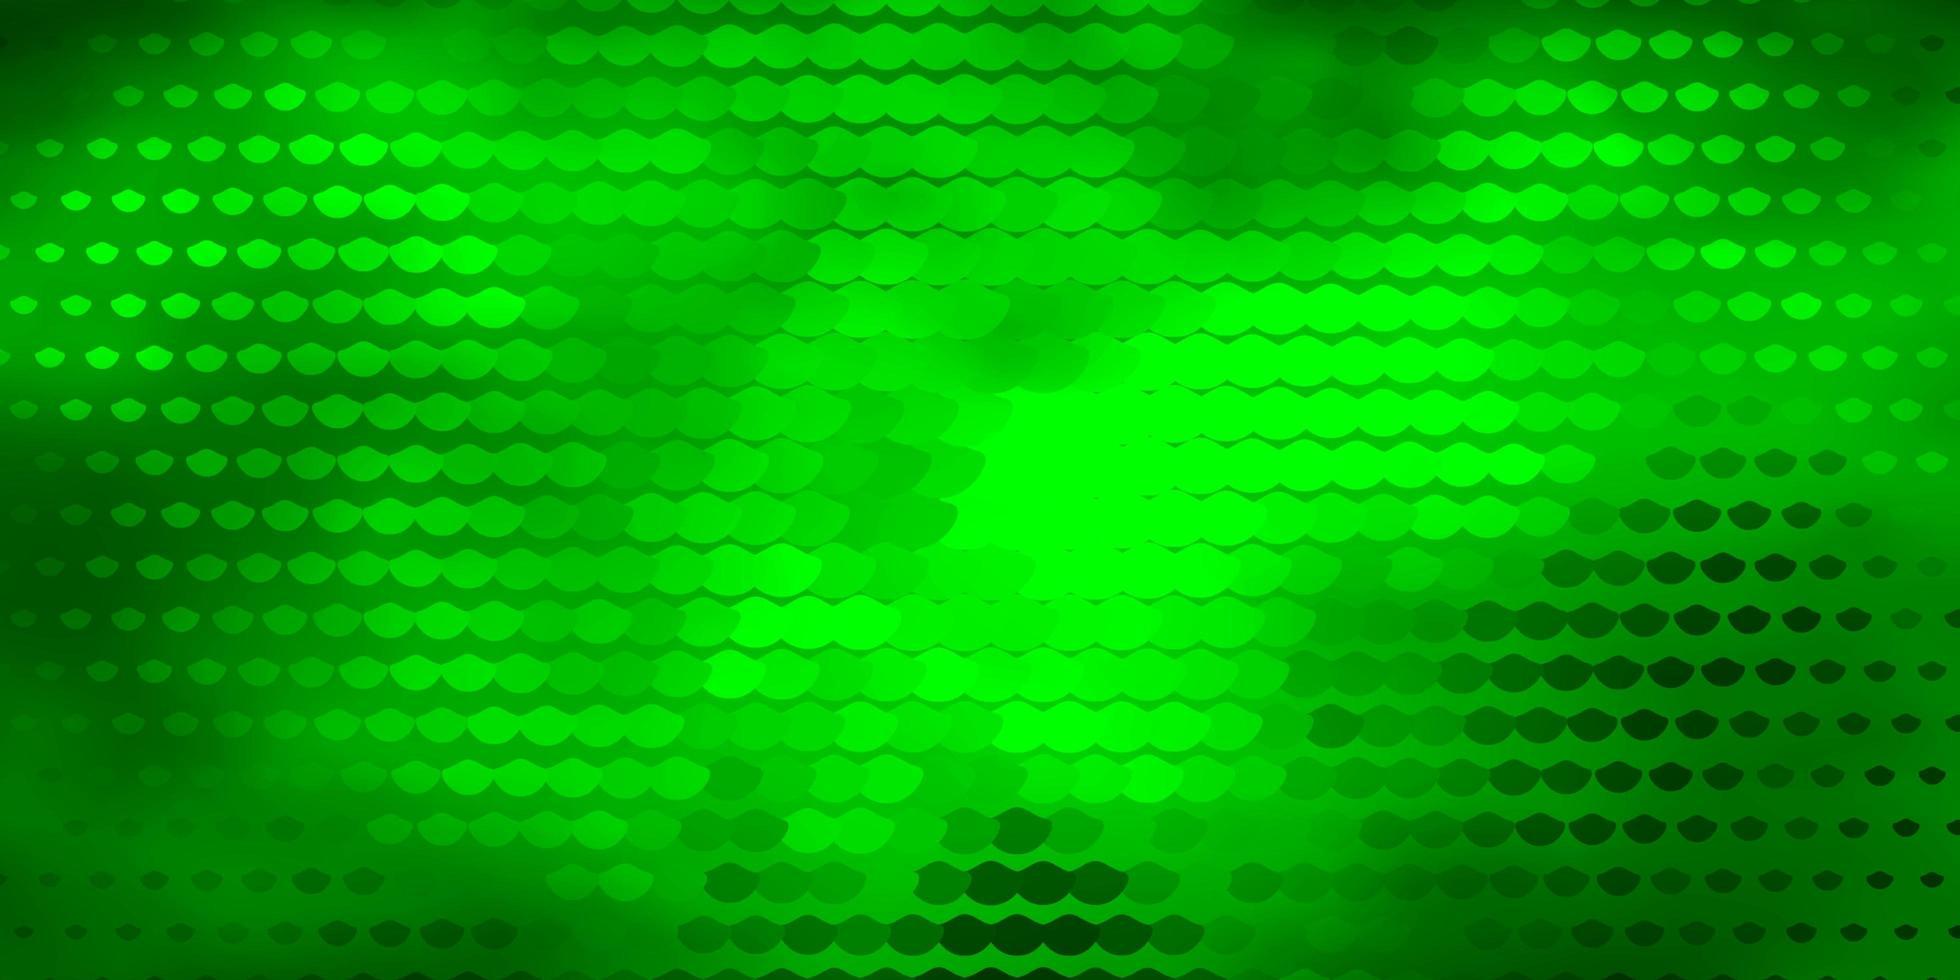 fondo verde oscuro con círculos. vector